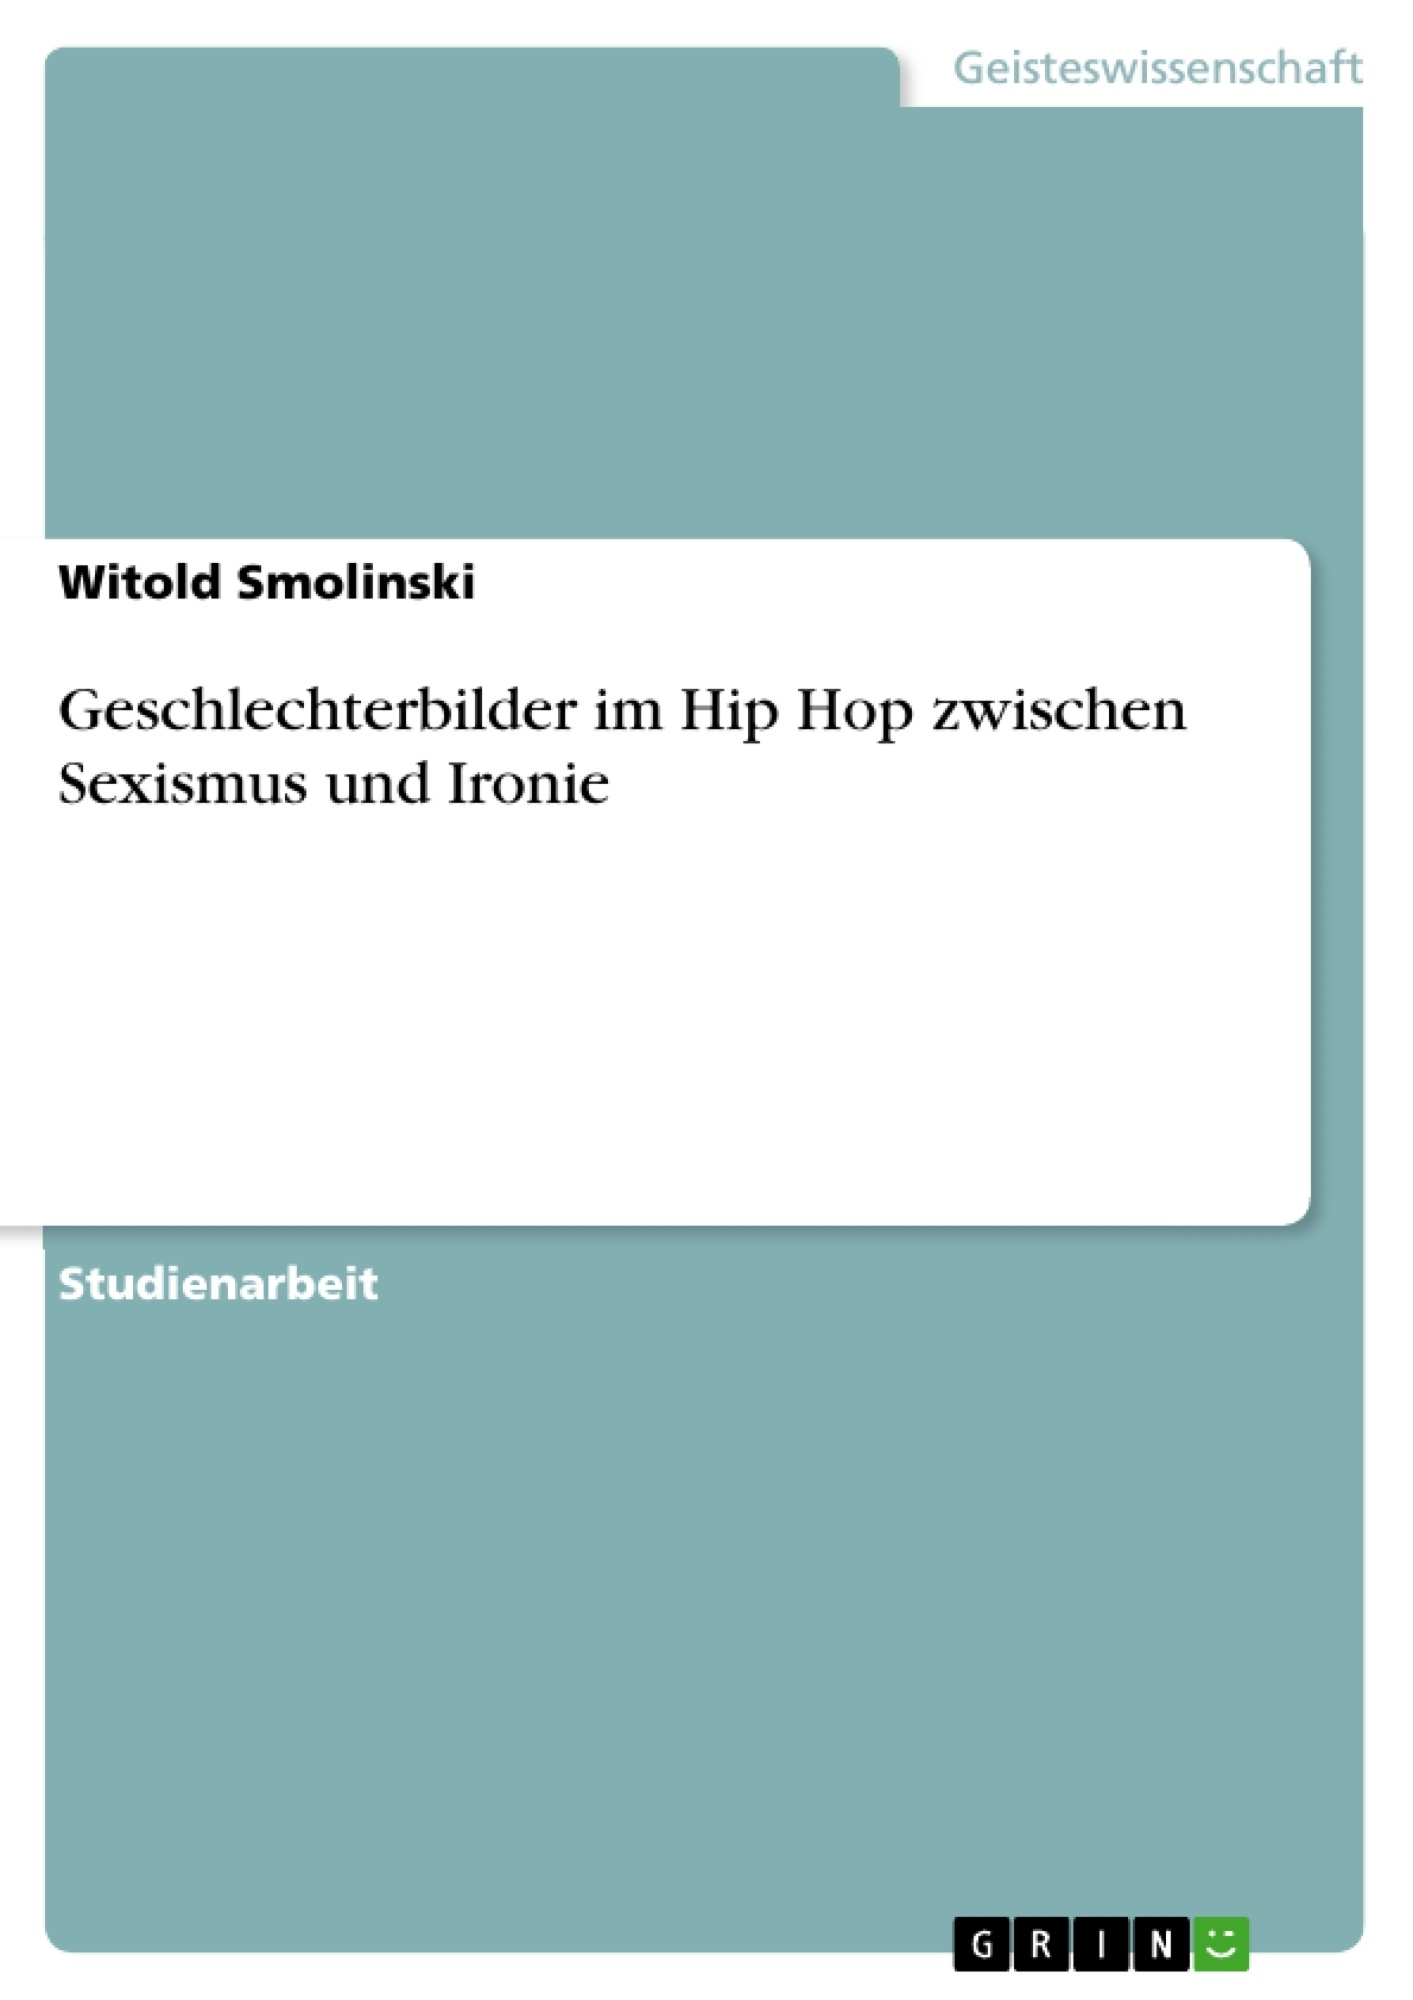 Titel: Geschlechterbilder im Hip Hop zwischen Sexismus und Ironie